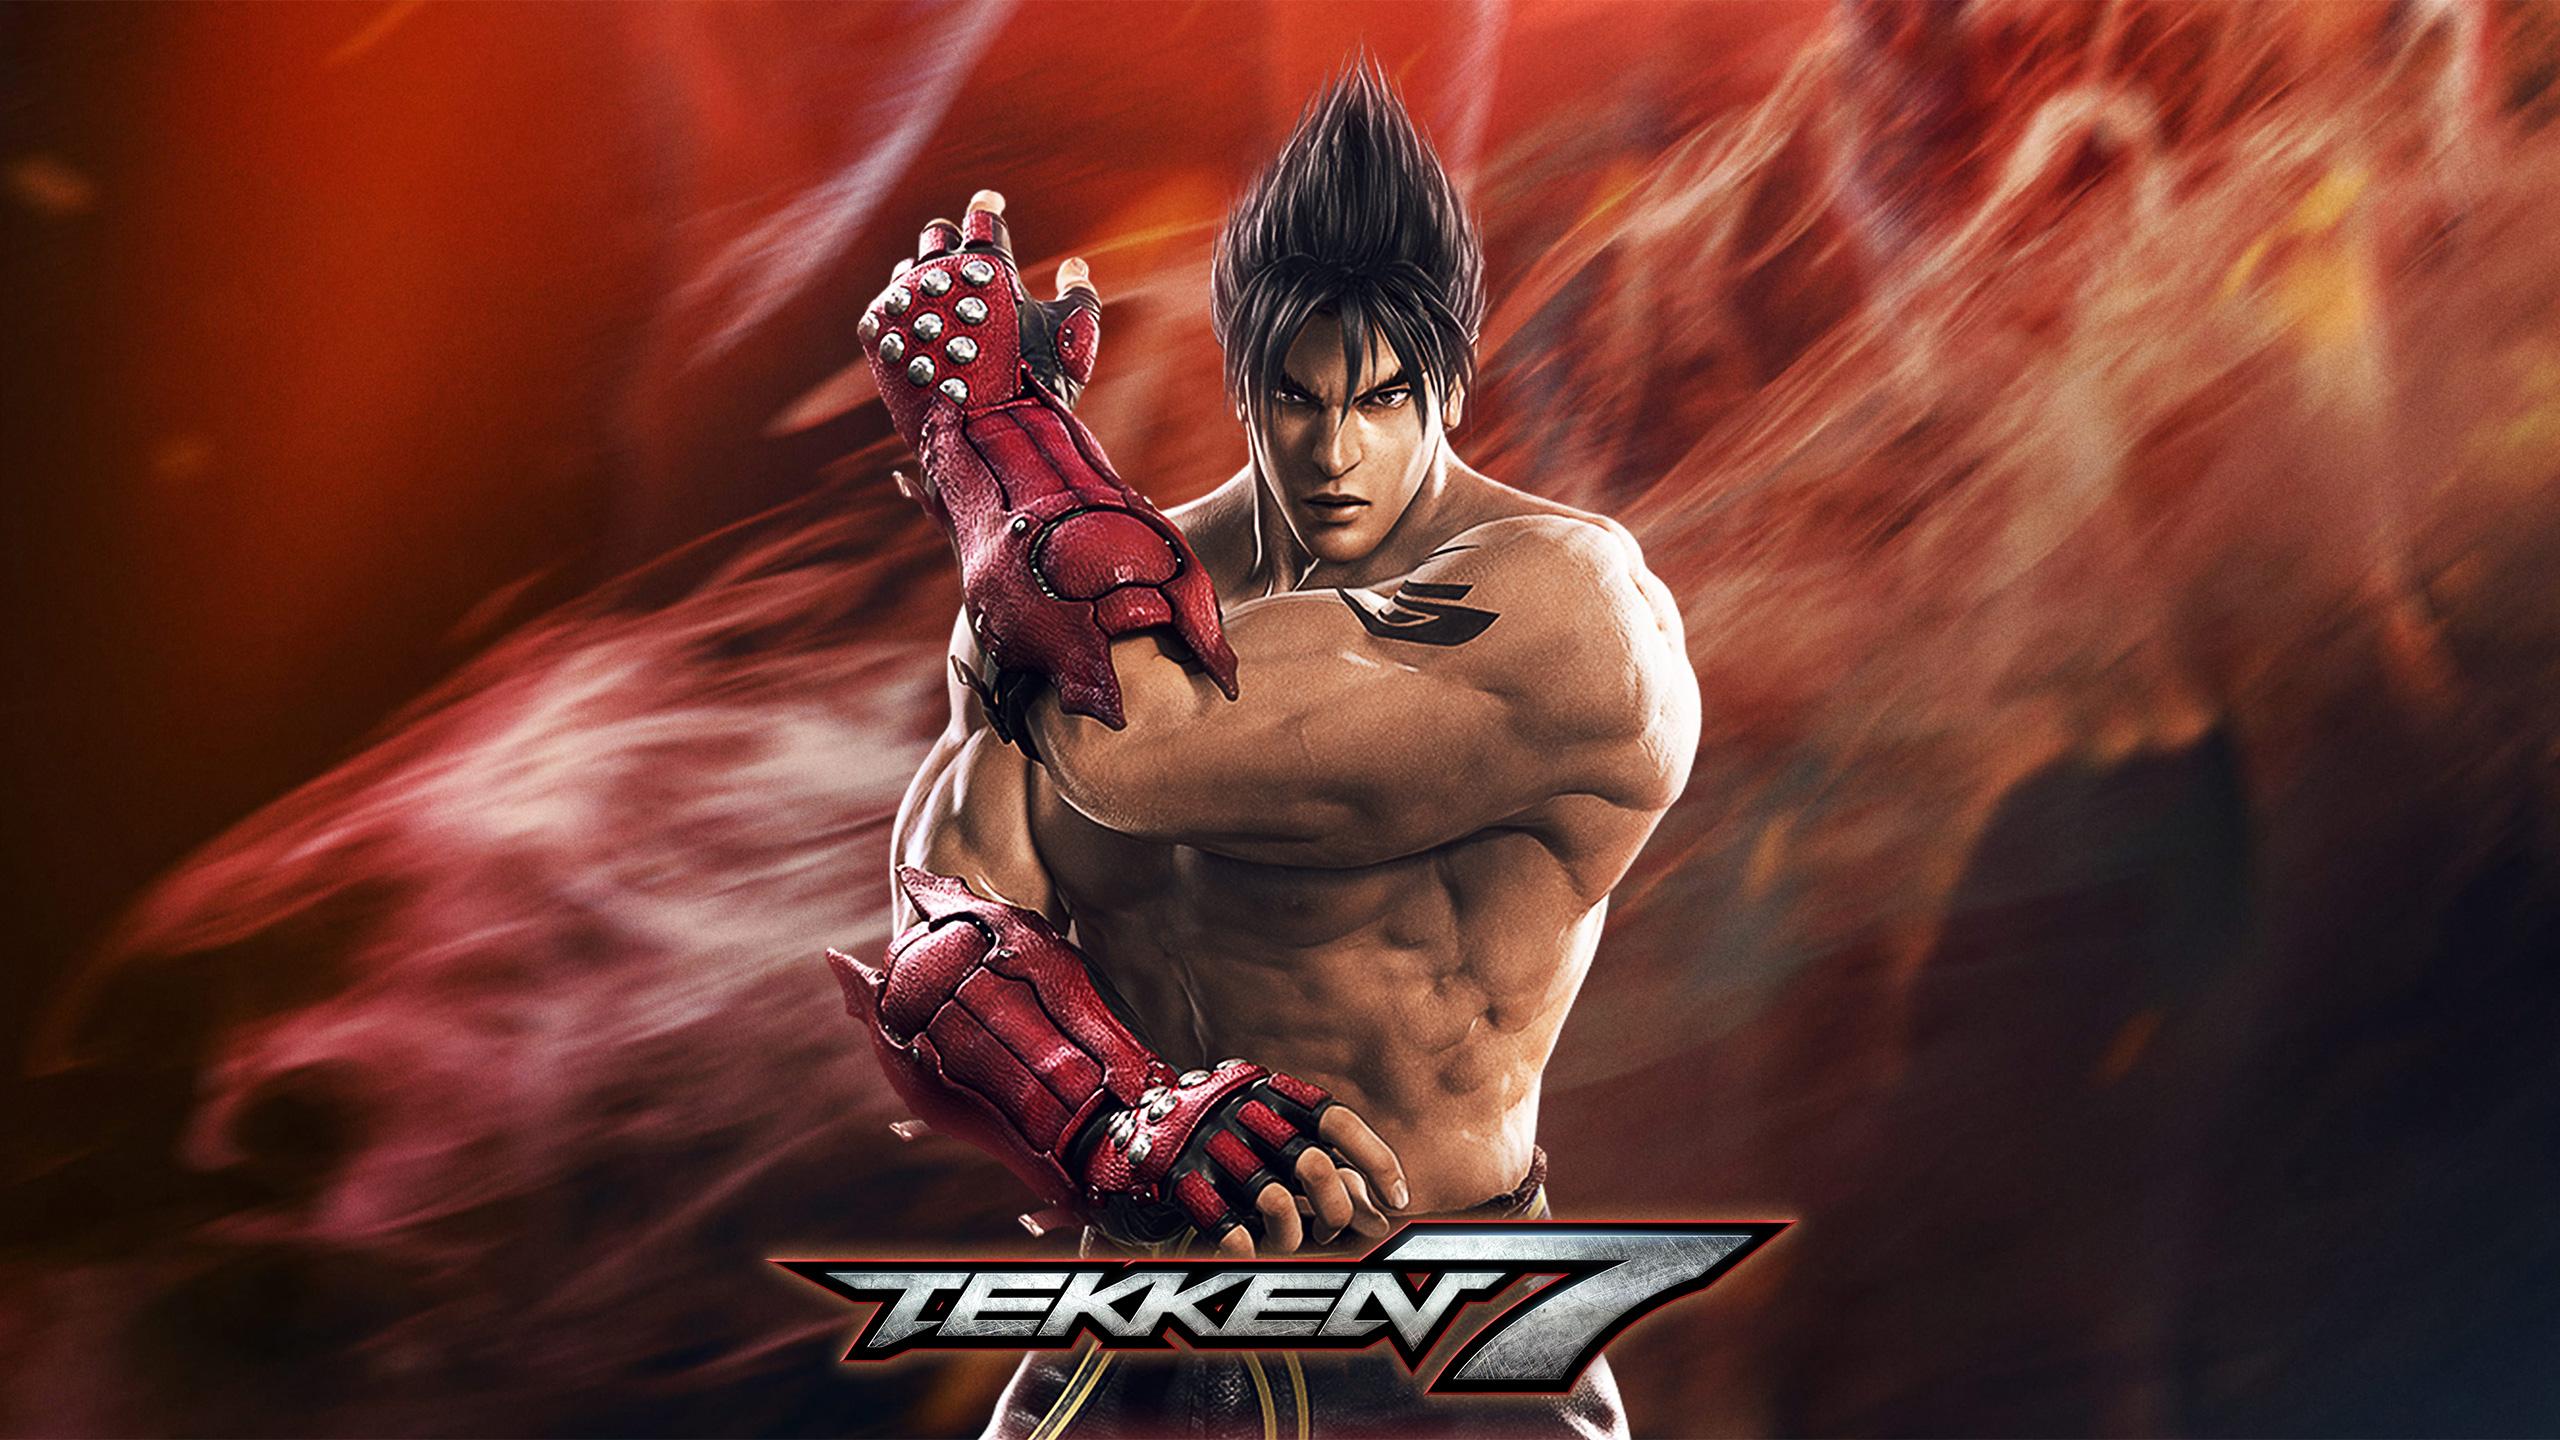 Tekken Wallpaper - WallpaperSafari